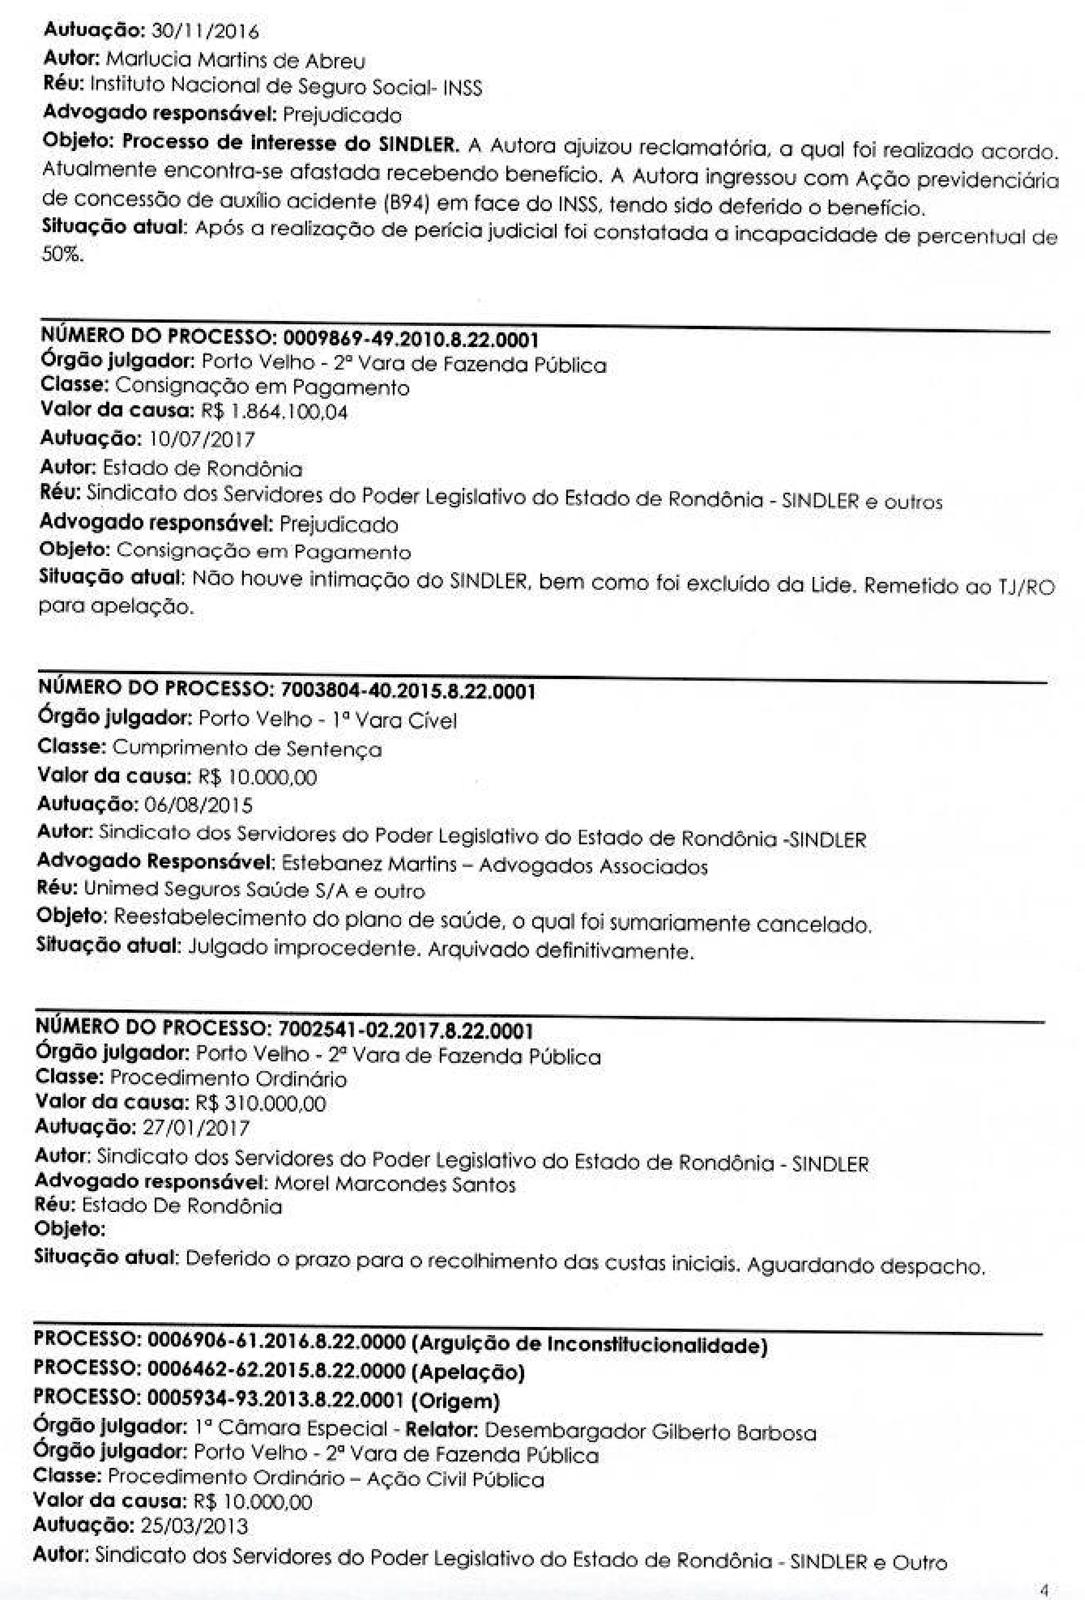 RELATORIO DE PROCESSOS SINDLER 3